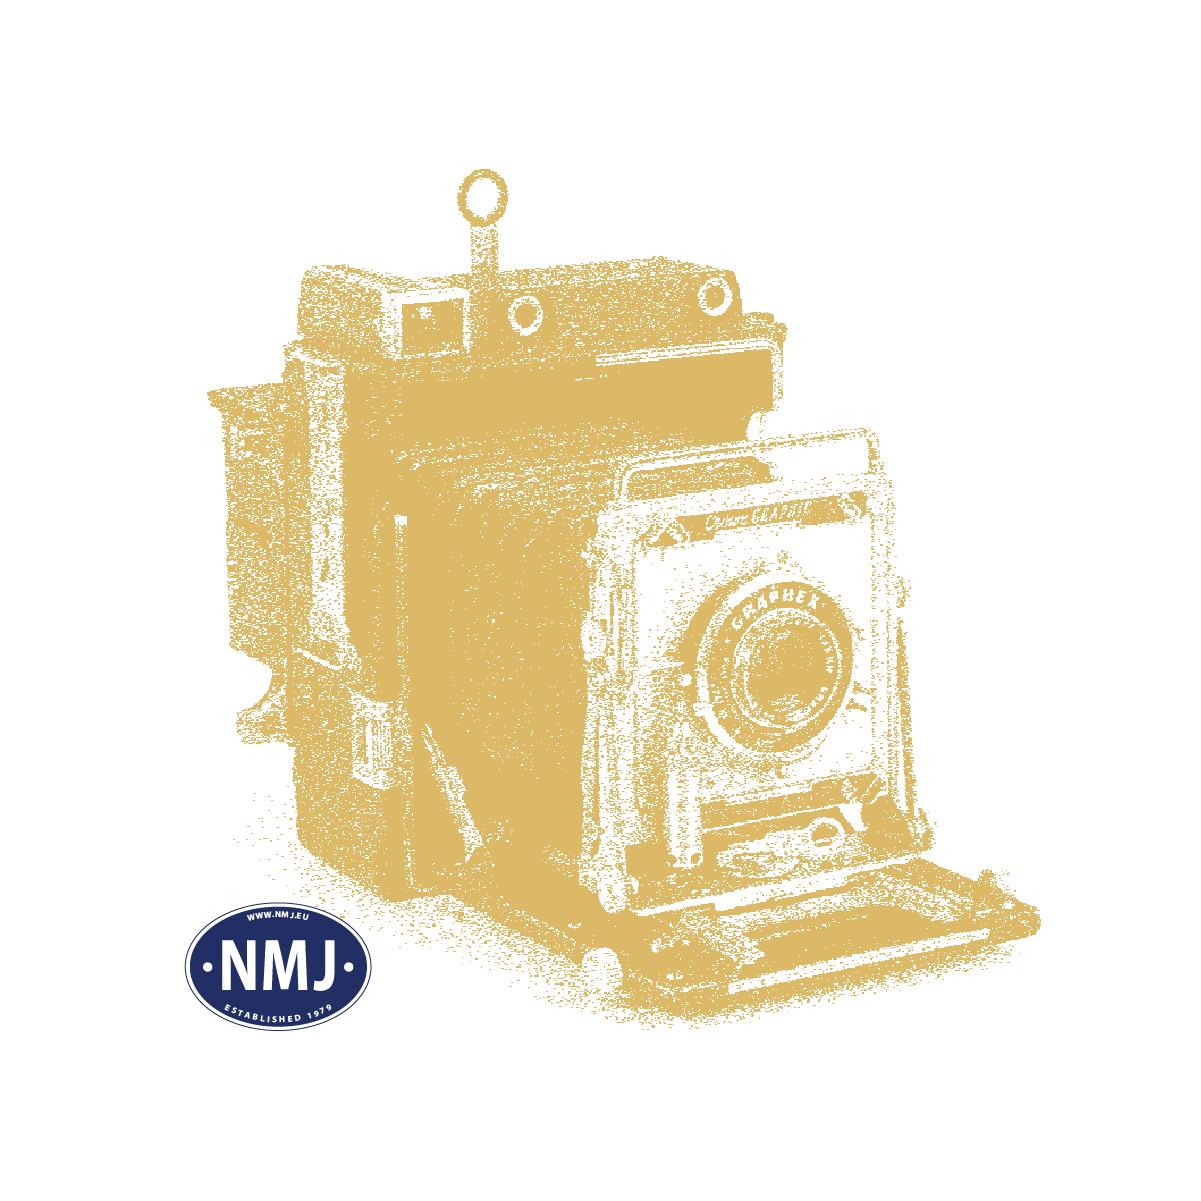 NMJT70004 - NMJ Topline SJ Mas Malmvognsett #1, Svensk Type